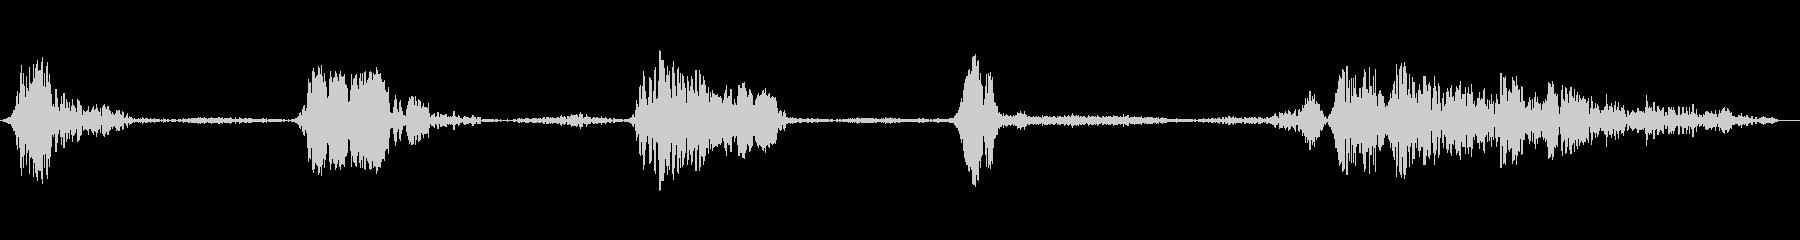 大型クリーチャー:成長と呼吸、SC...の未再生の波形